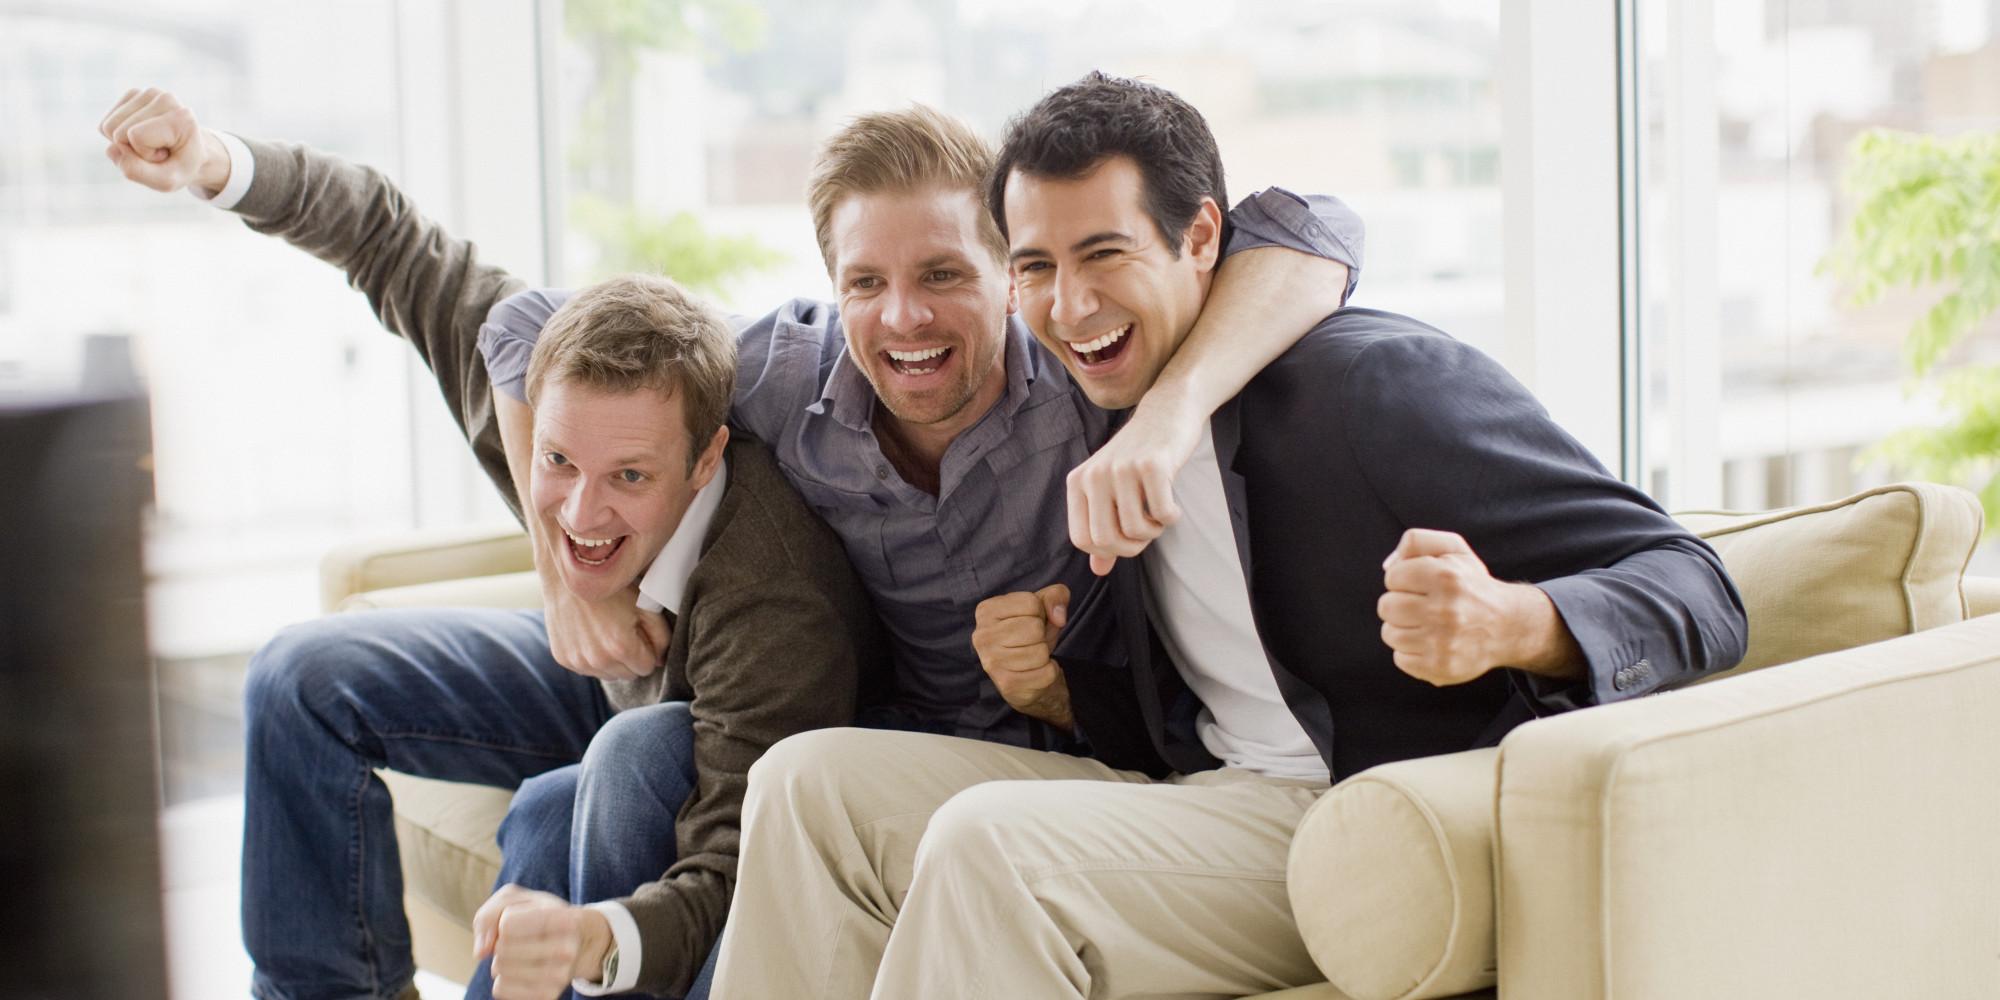 Men sexual attraction